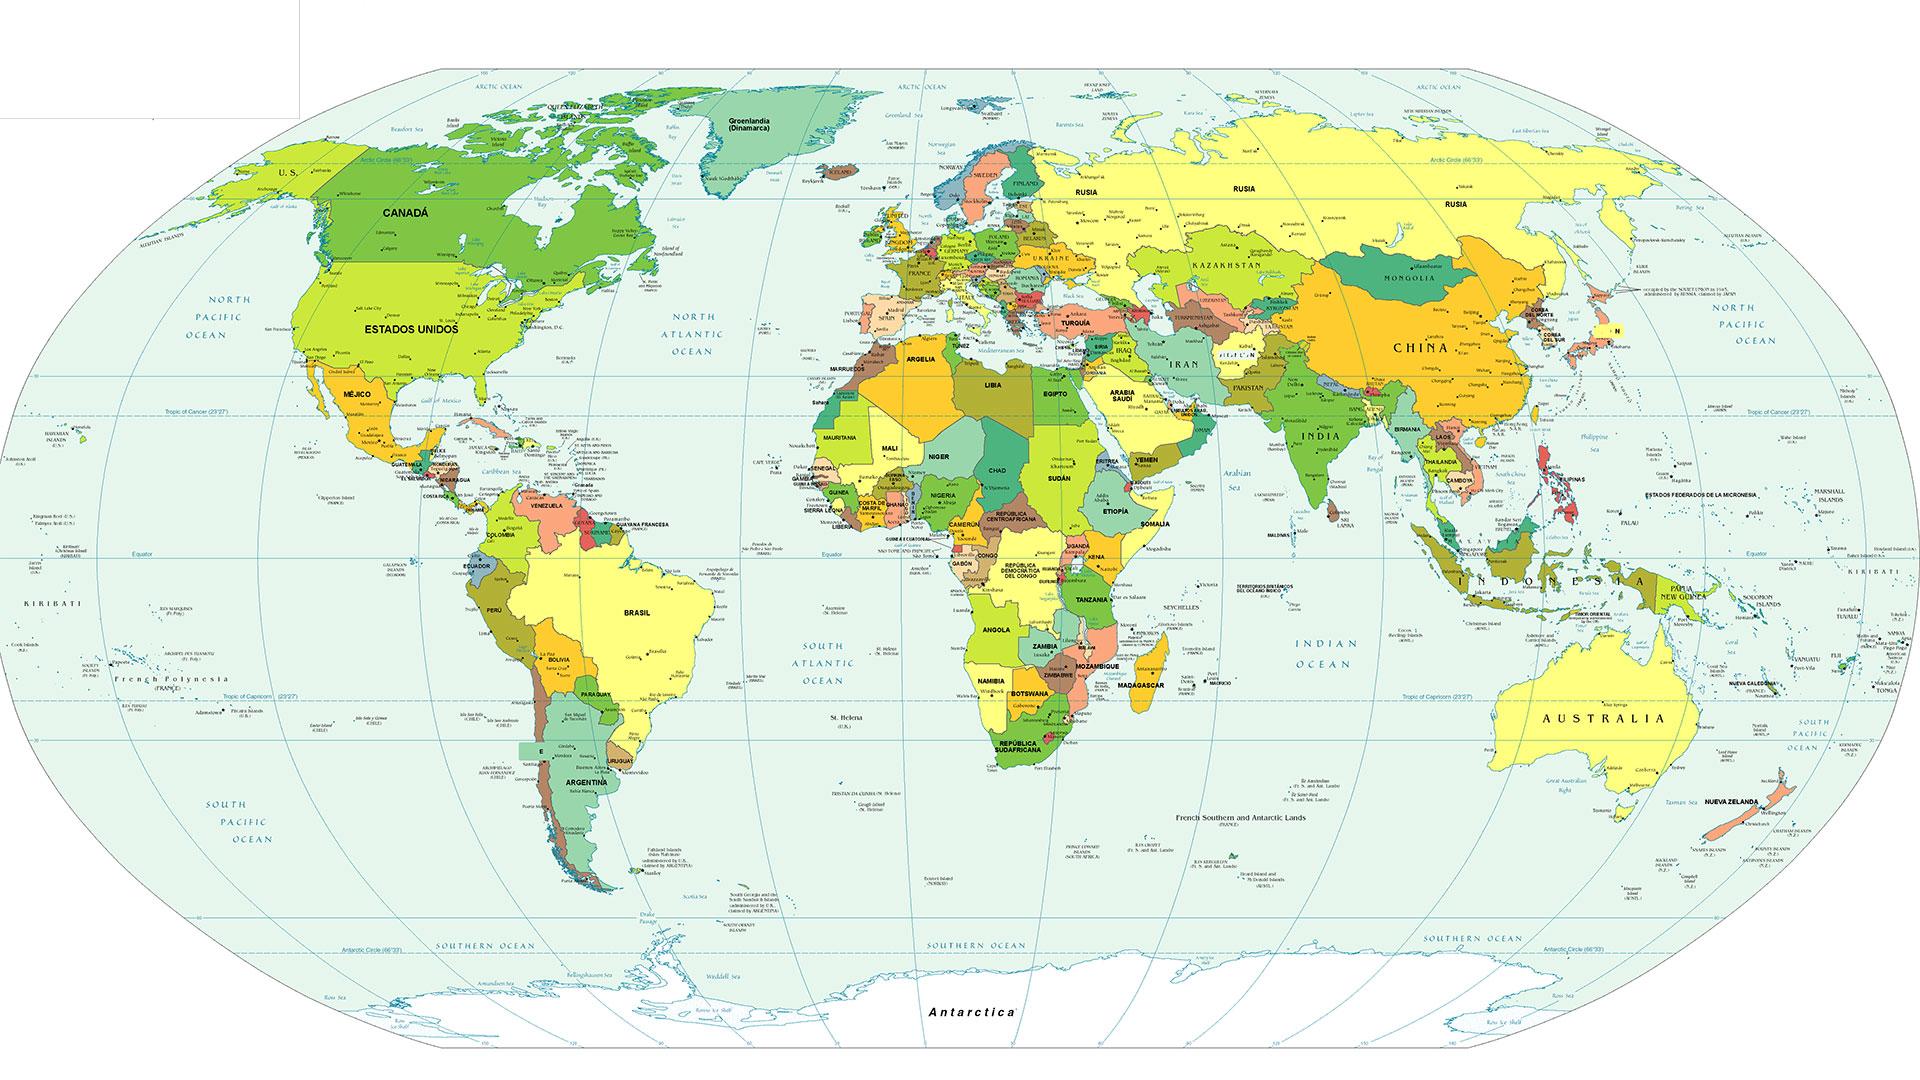 El mapa creado por Gerardus Mercator en 1569